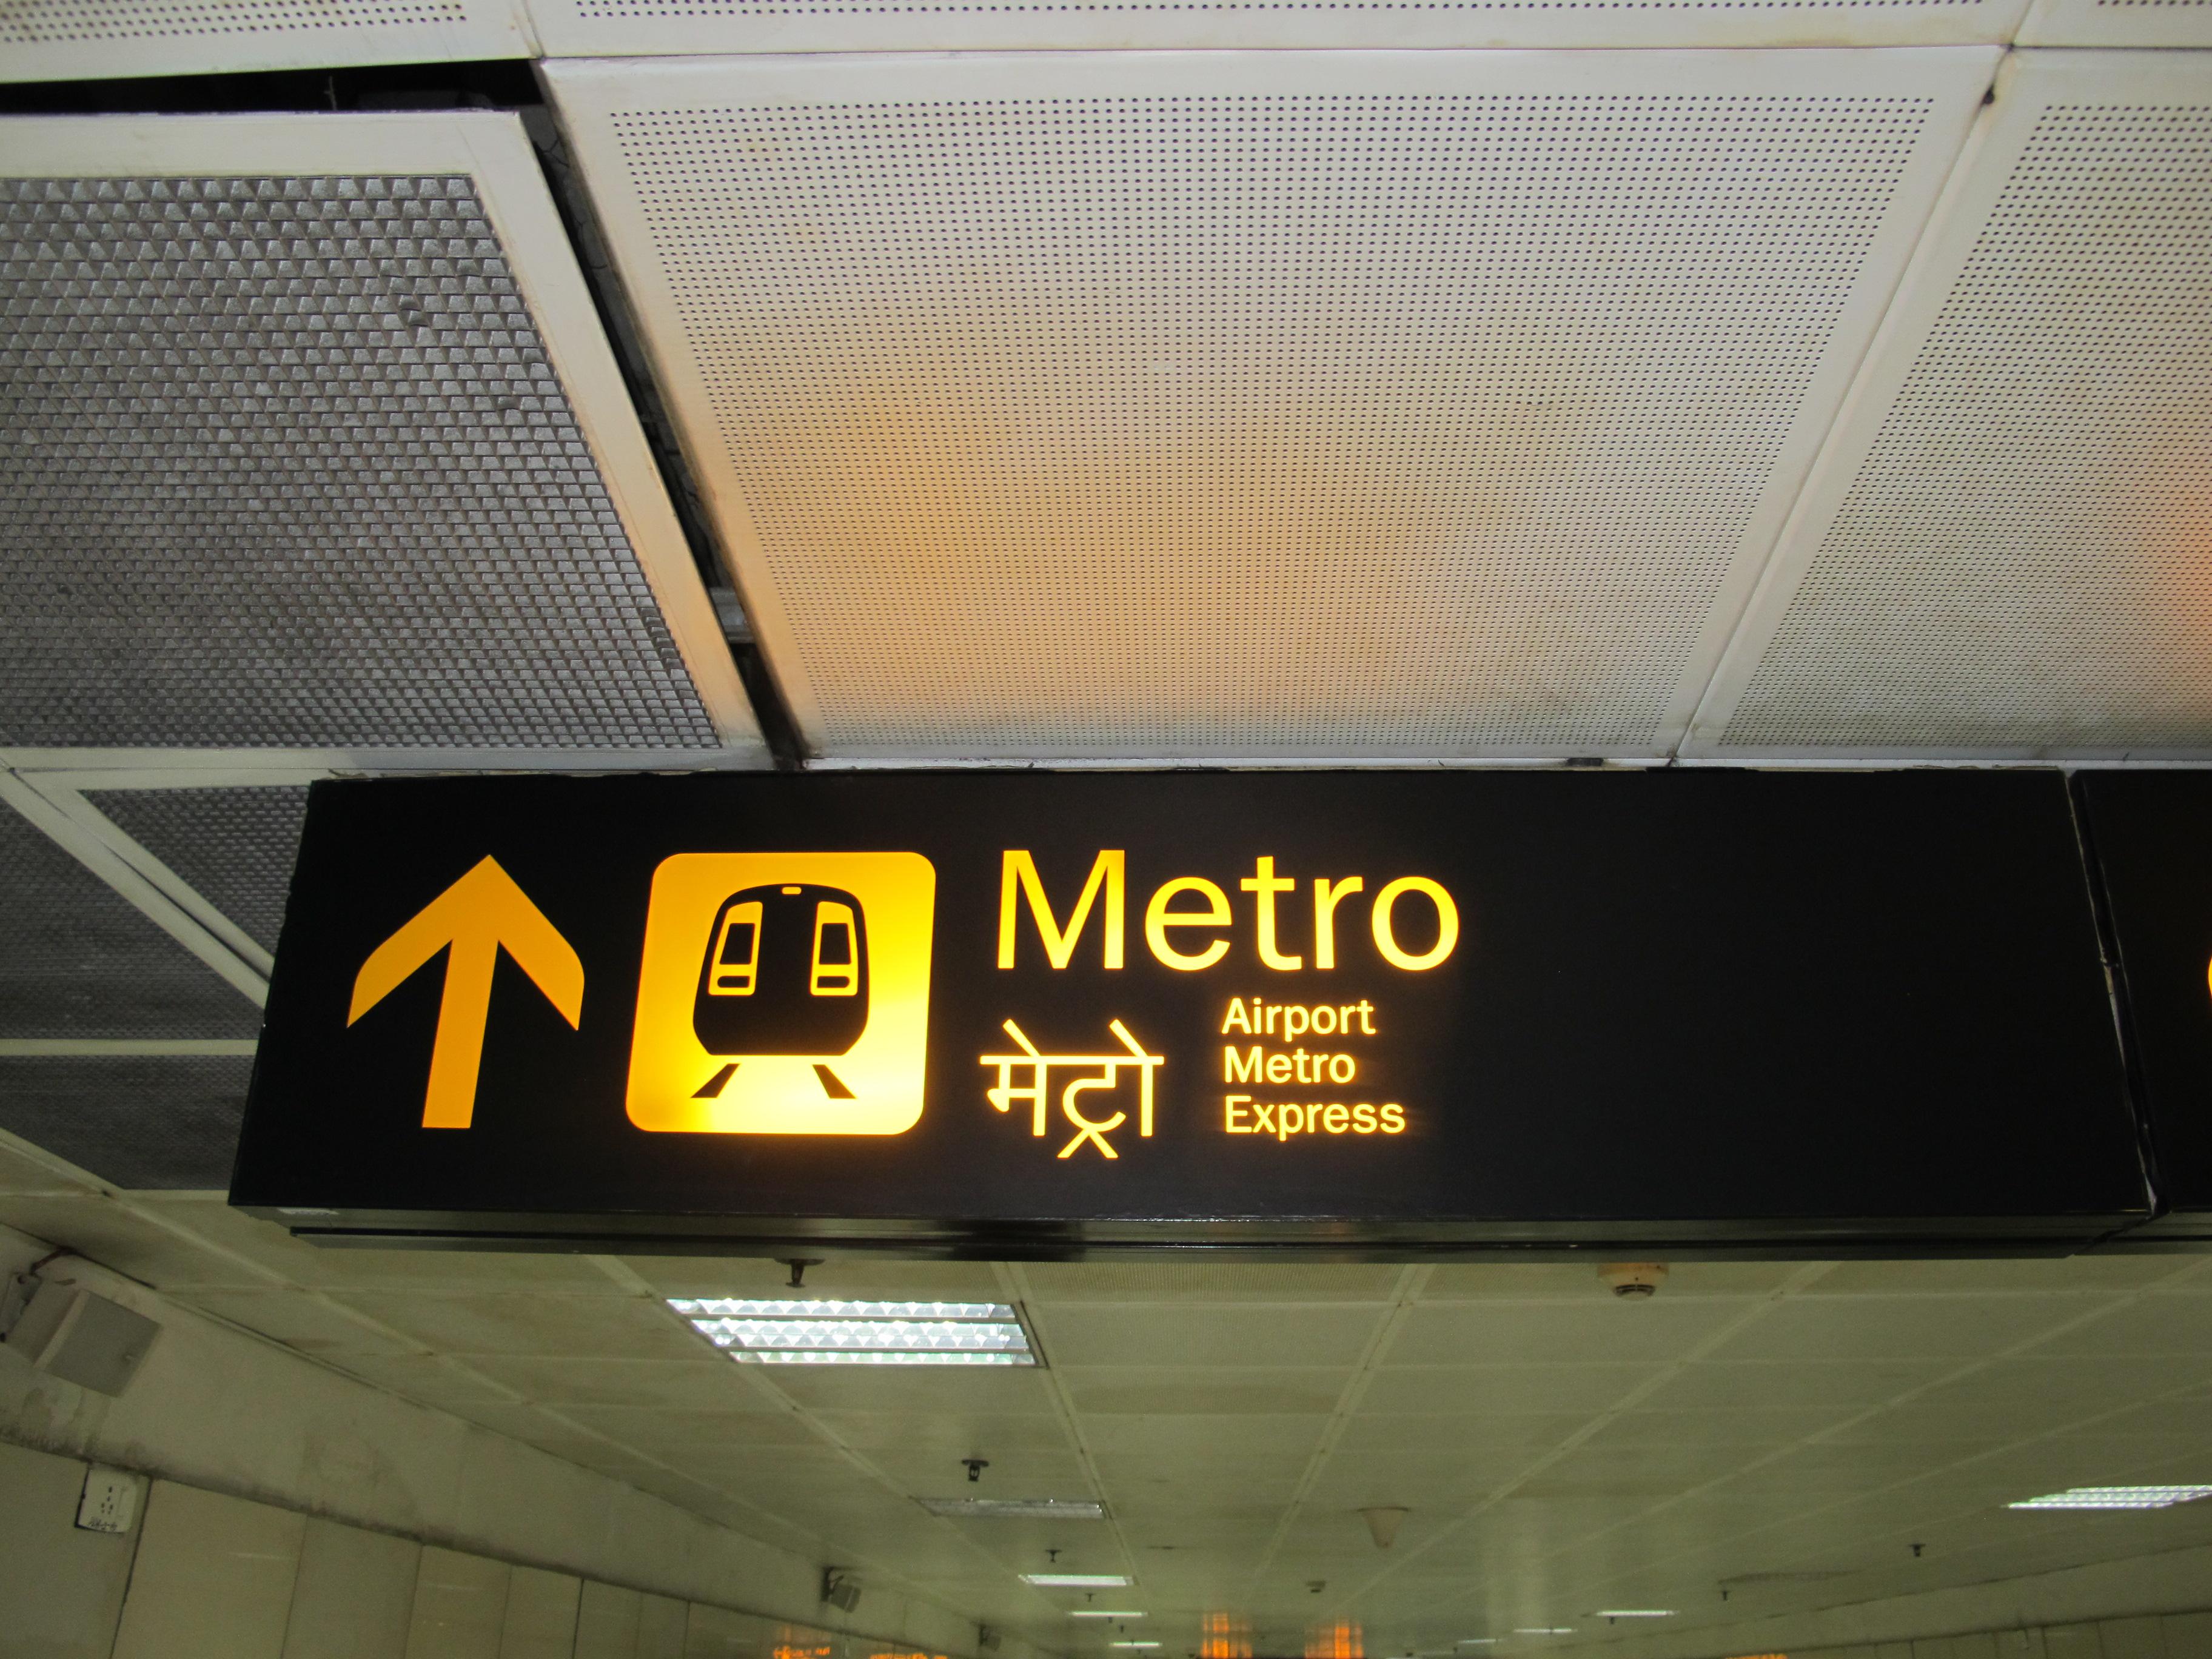 Метрополитен, Дели, Индия